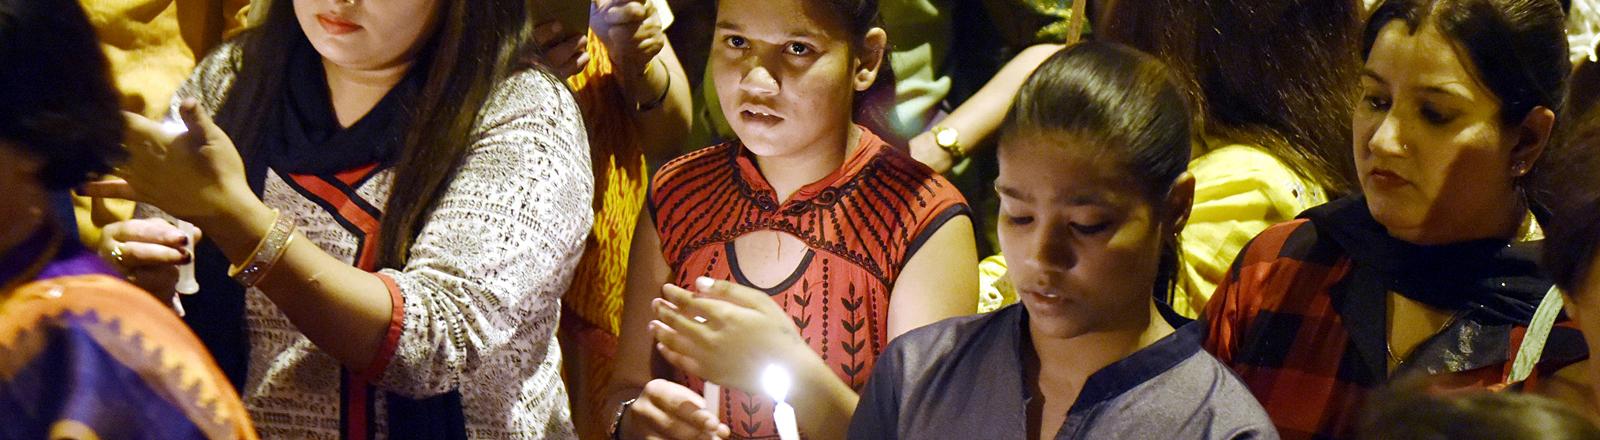 Mädchen und Frauen mit Kerzen in der Hand